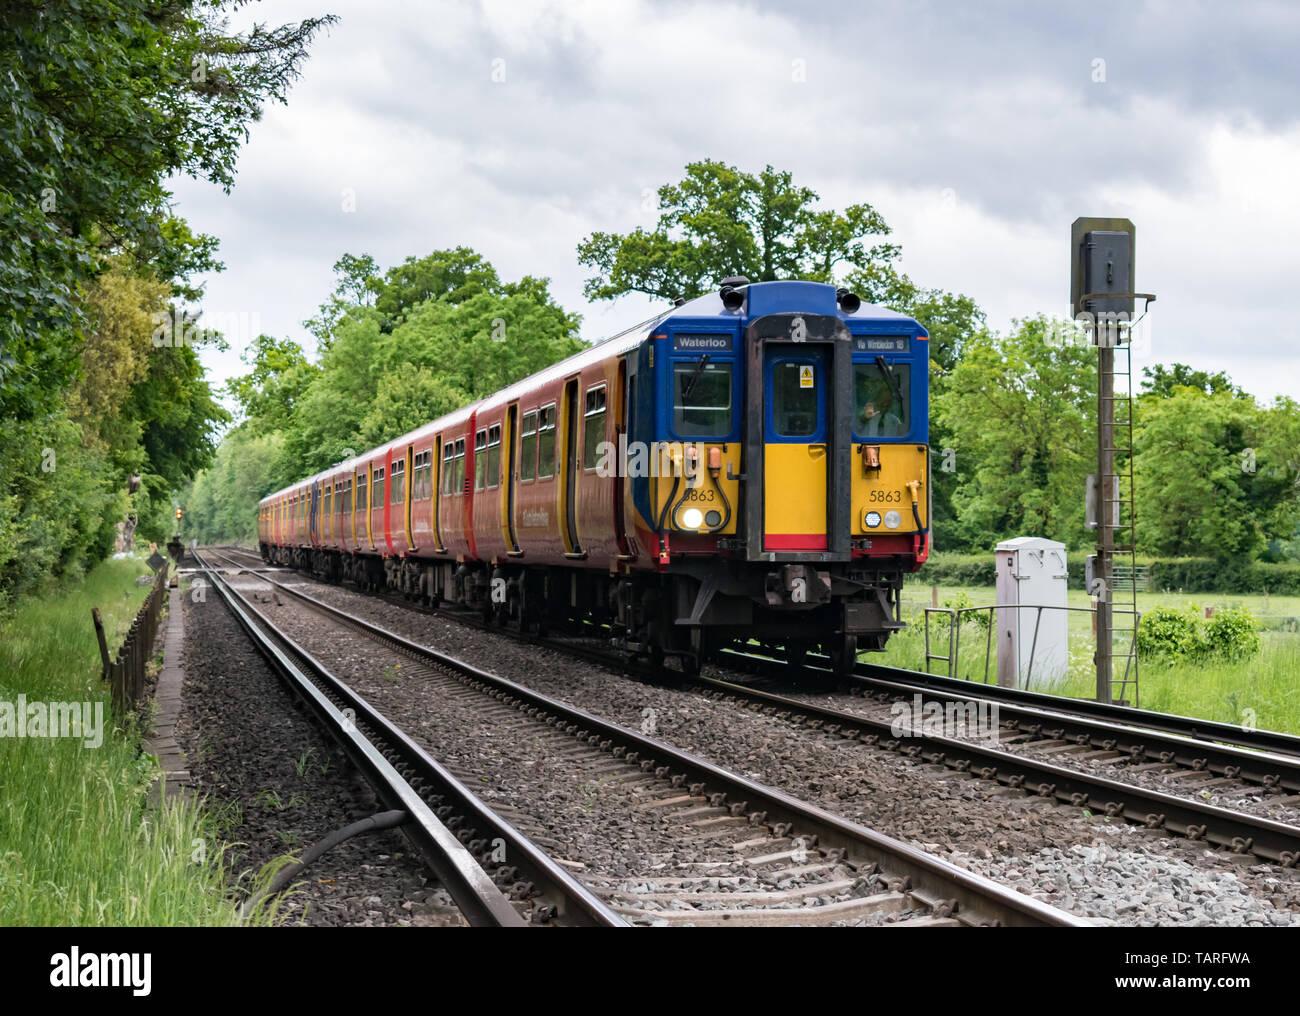 Un treno di onde di driver come la sua classe 455 South Western Railway passenger service treno passa un segnale in la campagna del Surrey, voce di Waterloo. Foto Stock